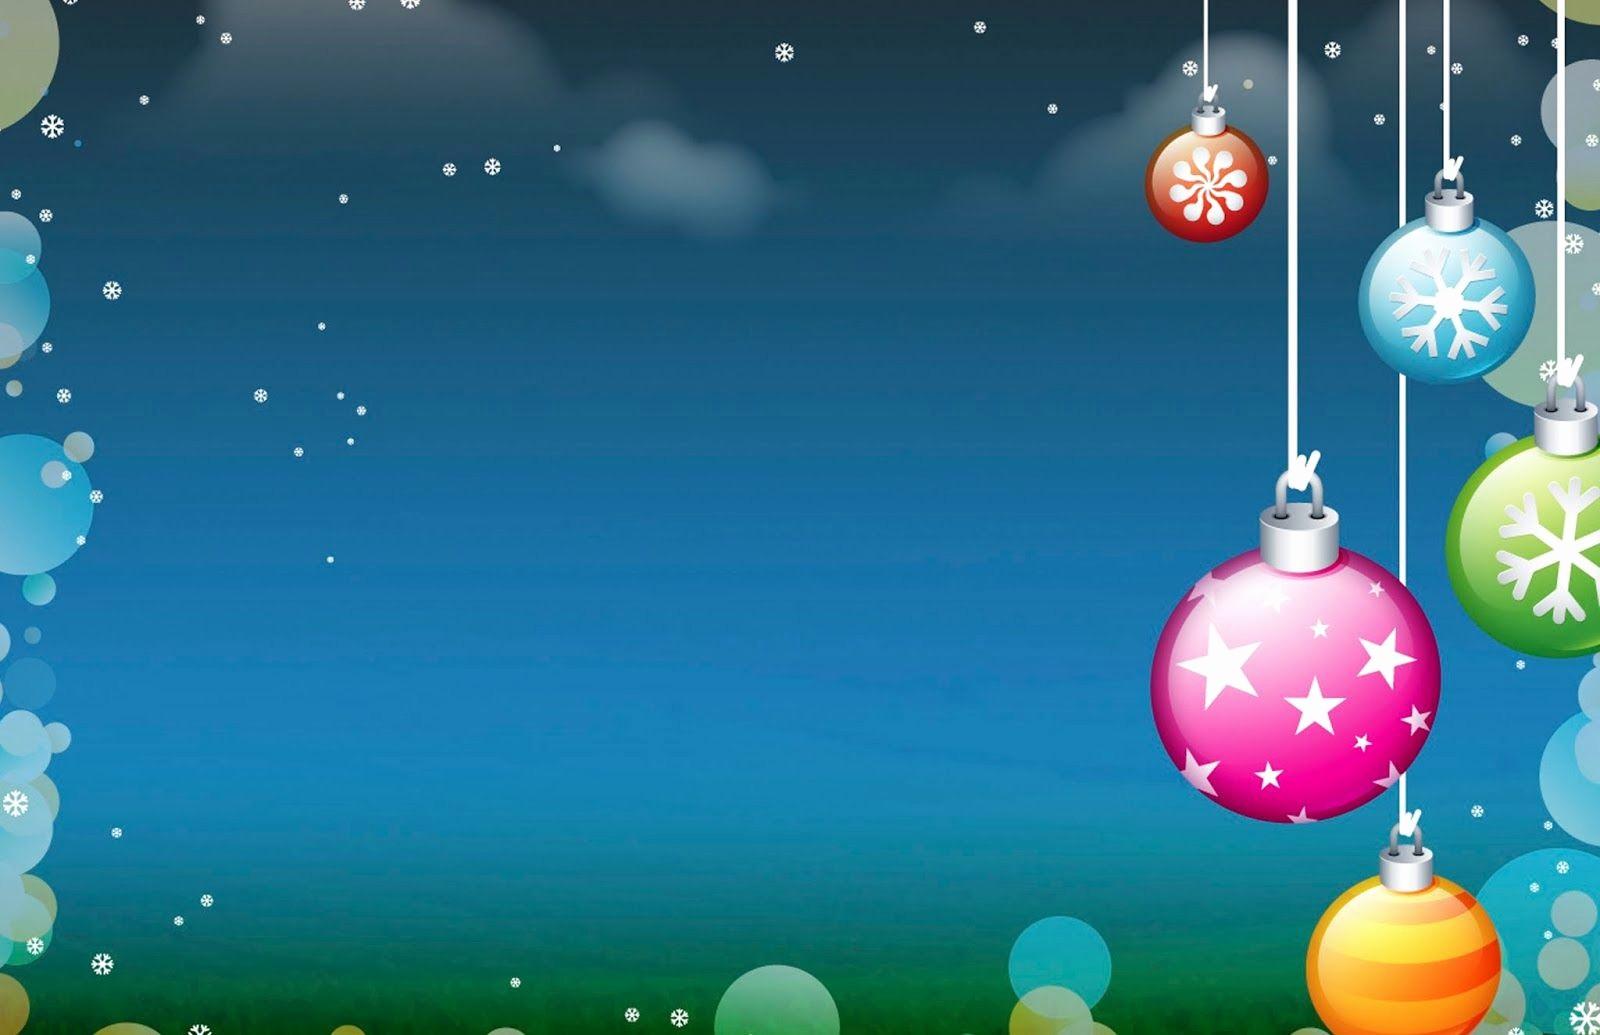 Fondos Para Tarjetas De Cumpleaños Inspirational Tarjetas De Invitacion A Cumpleaños En Power Point Para